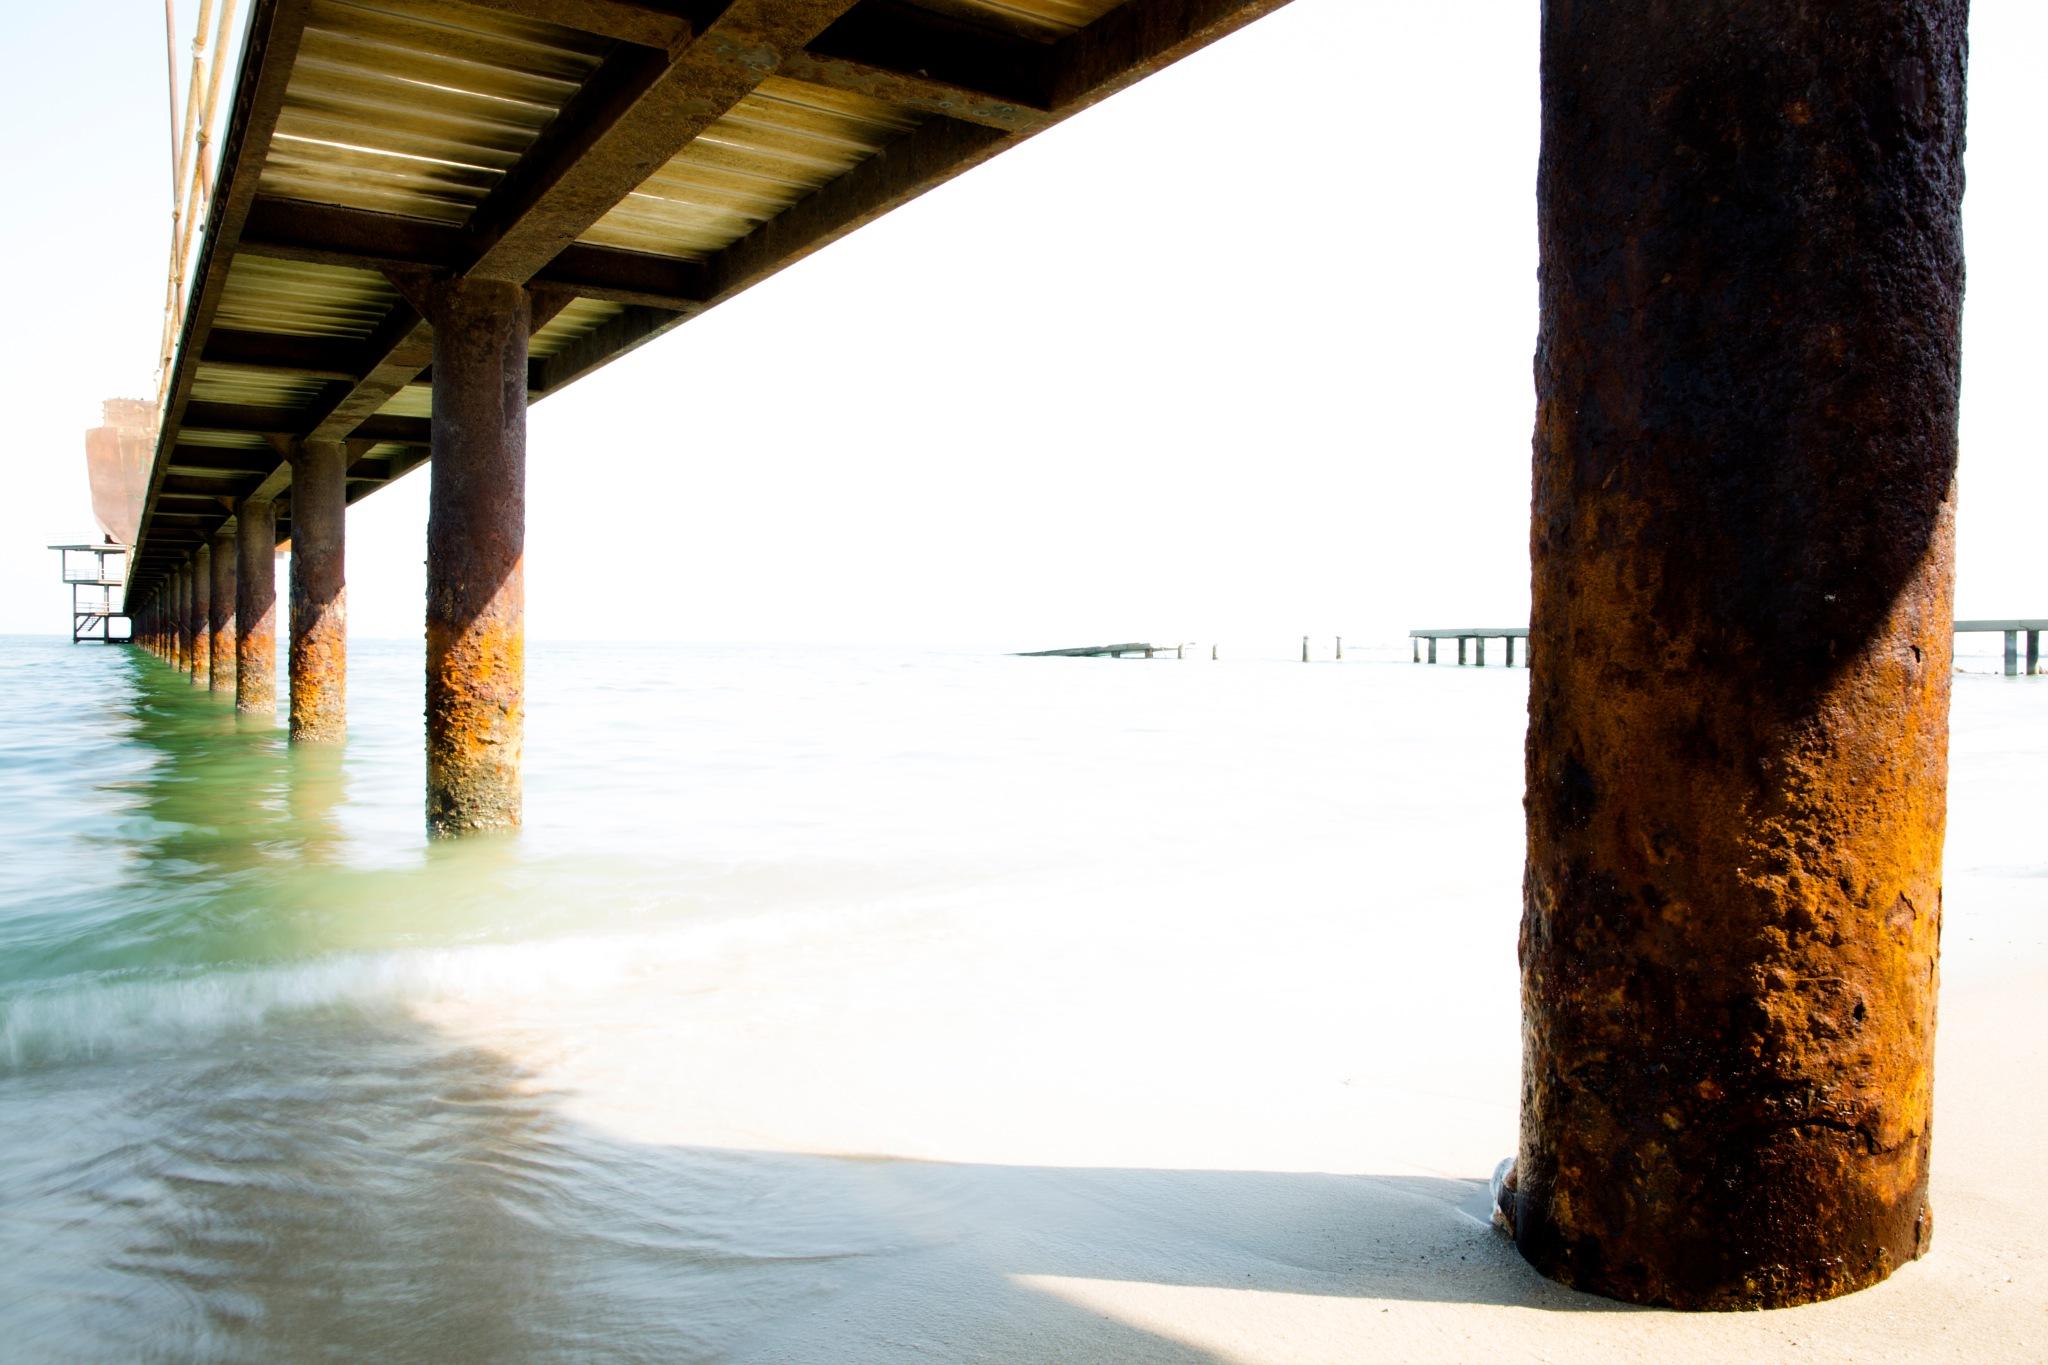 Under The Bridge by Palaboy Laboy